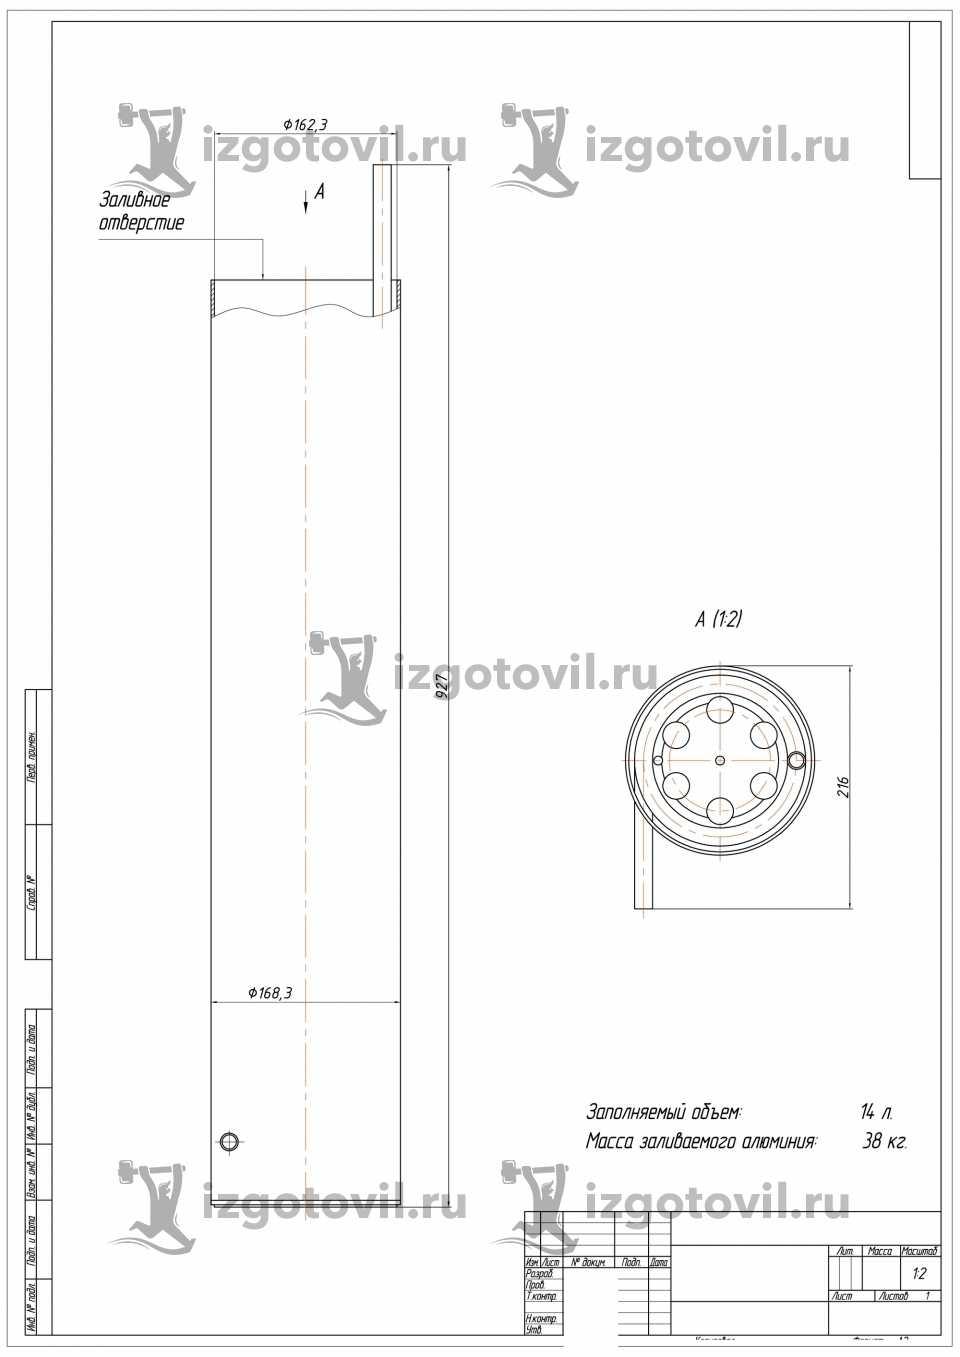 Литейное производство - изготовить алюминиевую форму